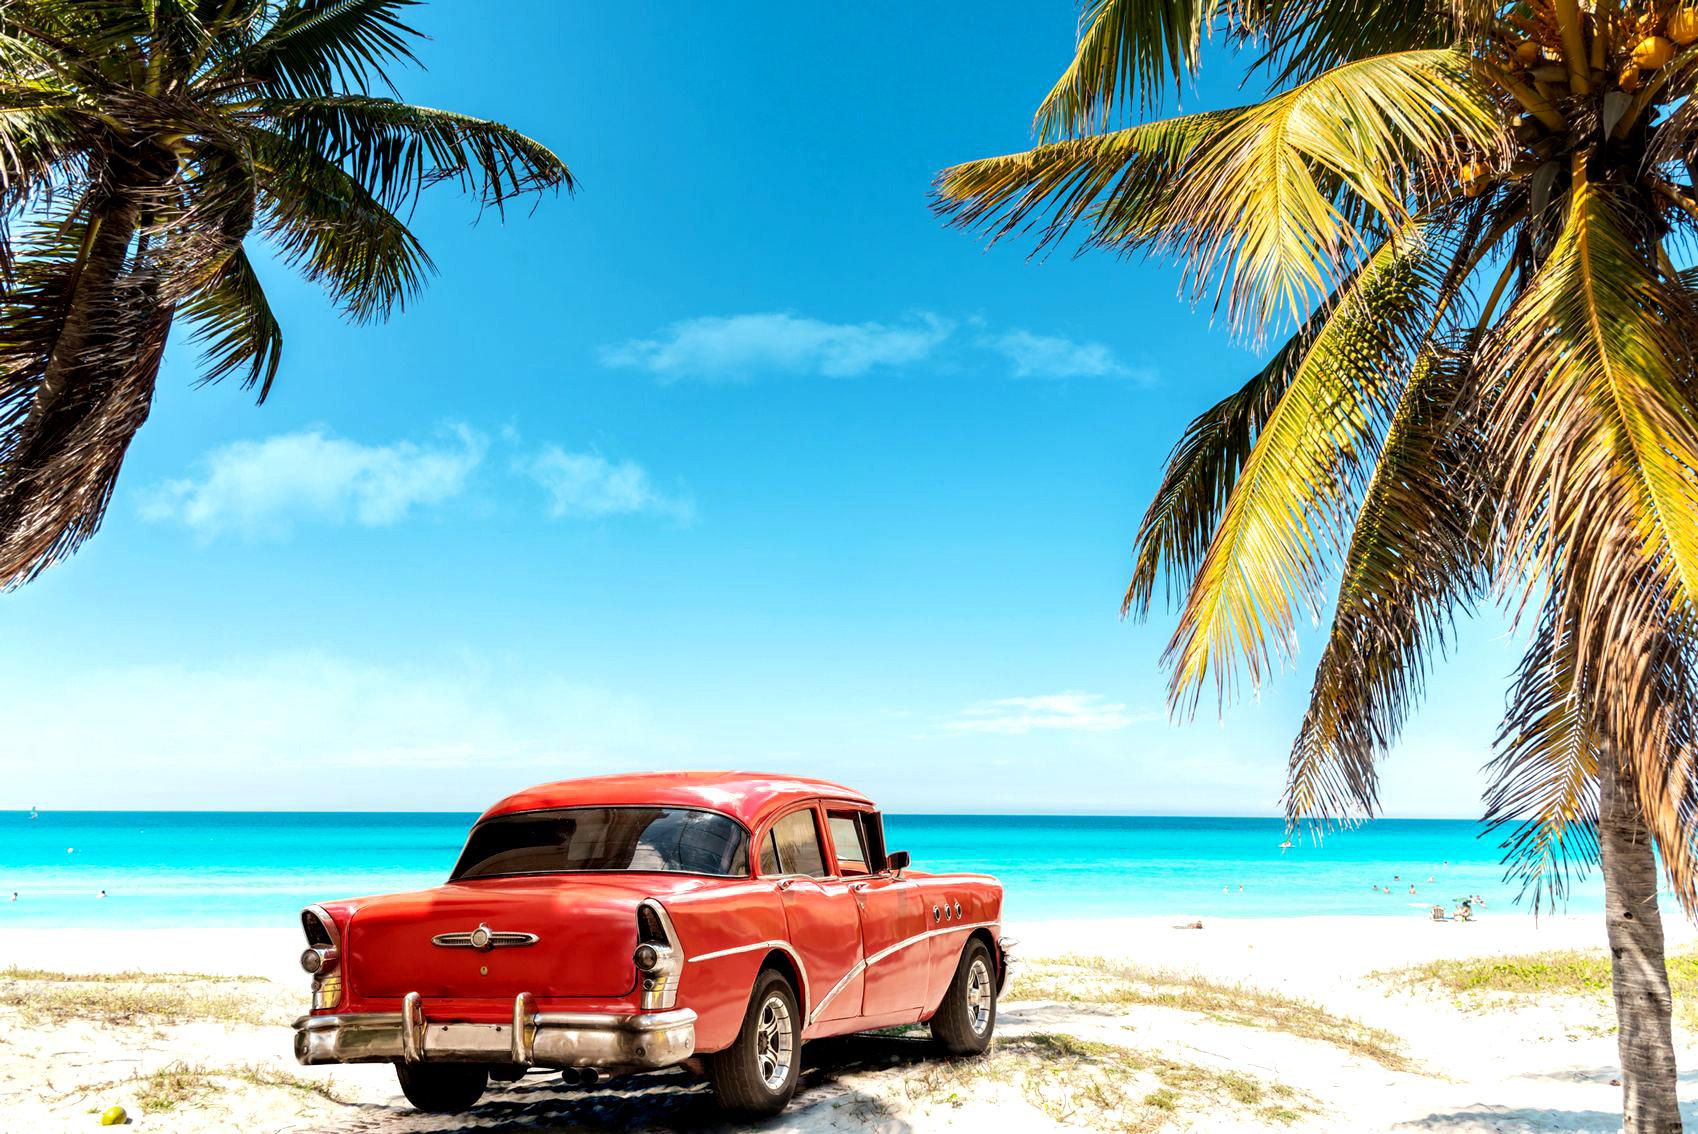 Ретроавтомобиль на кубинском пляже